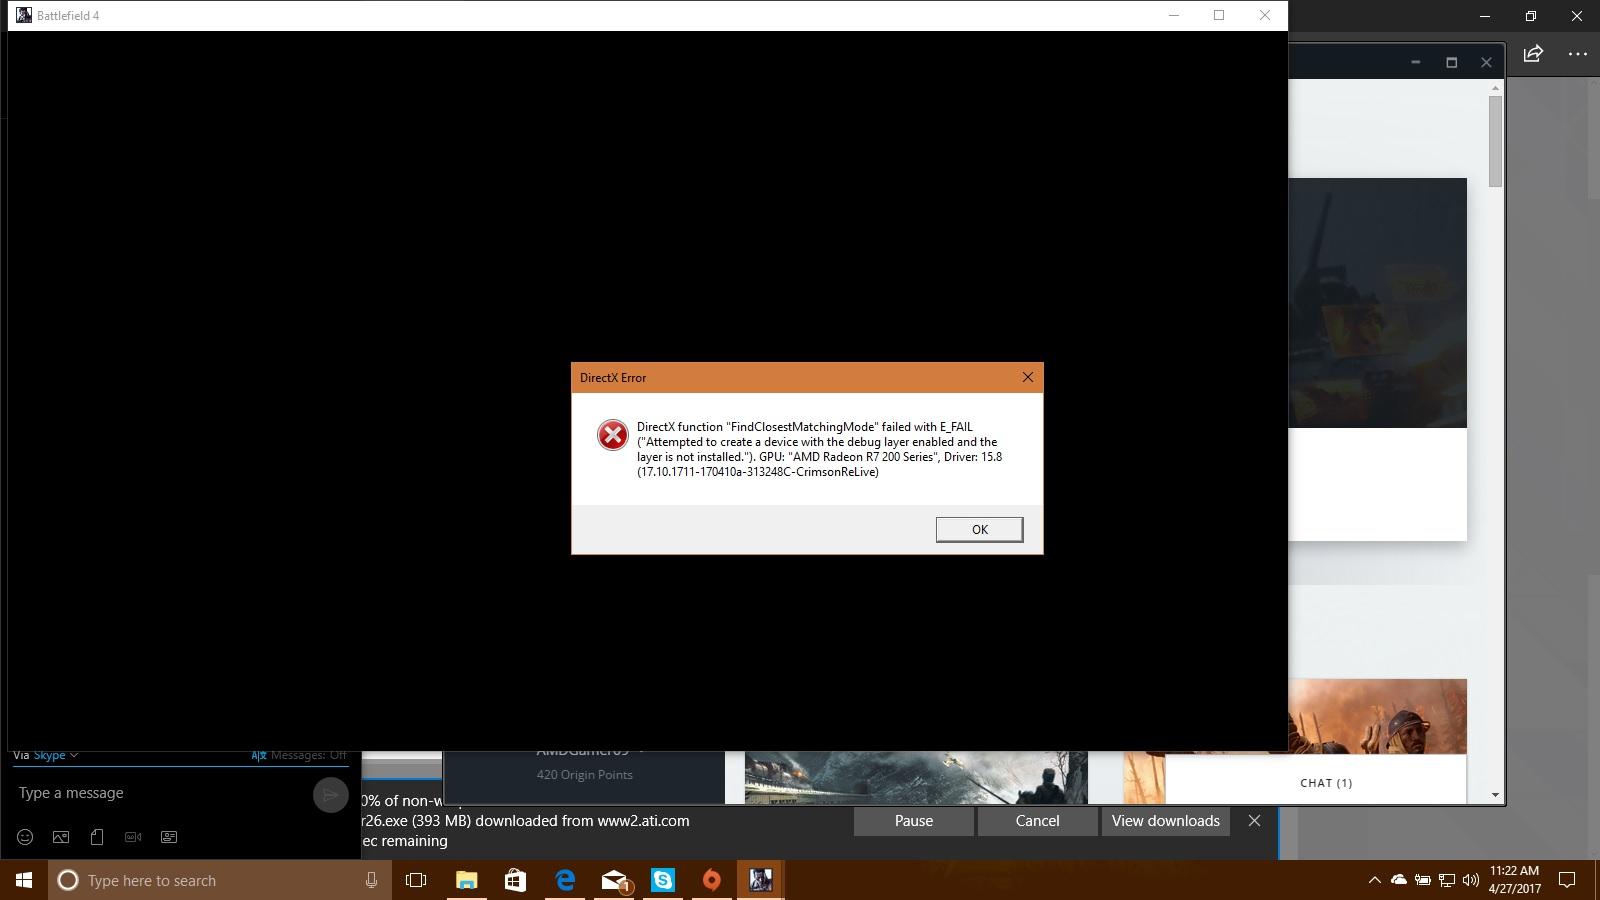 Directx error origin